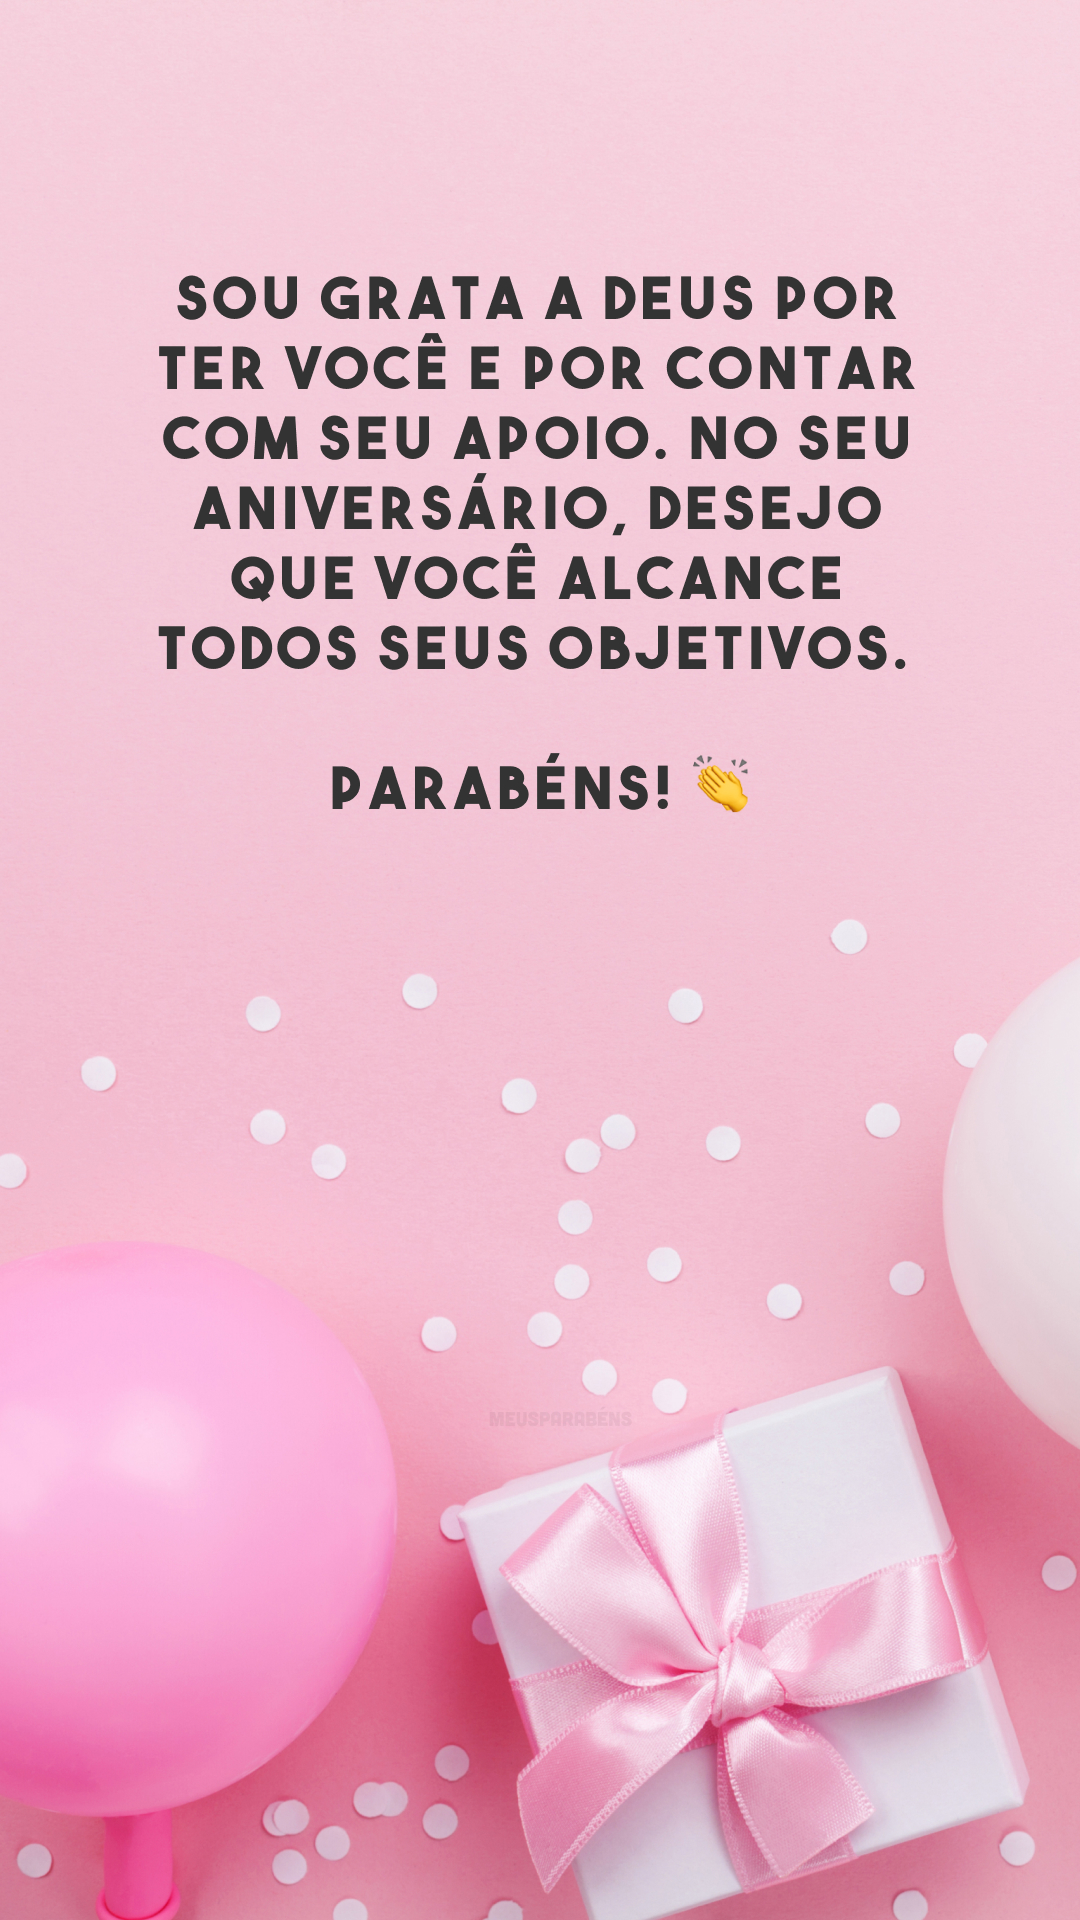 Sou grata a Deus por ter você e por contar com seu apoio. No seu aniversário, desejo que você alcance todos seus objetivos. Parabéns! 👏